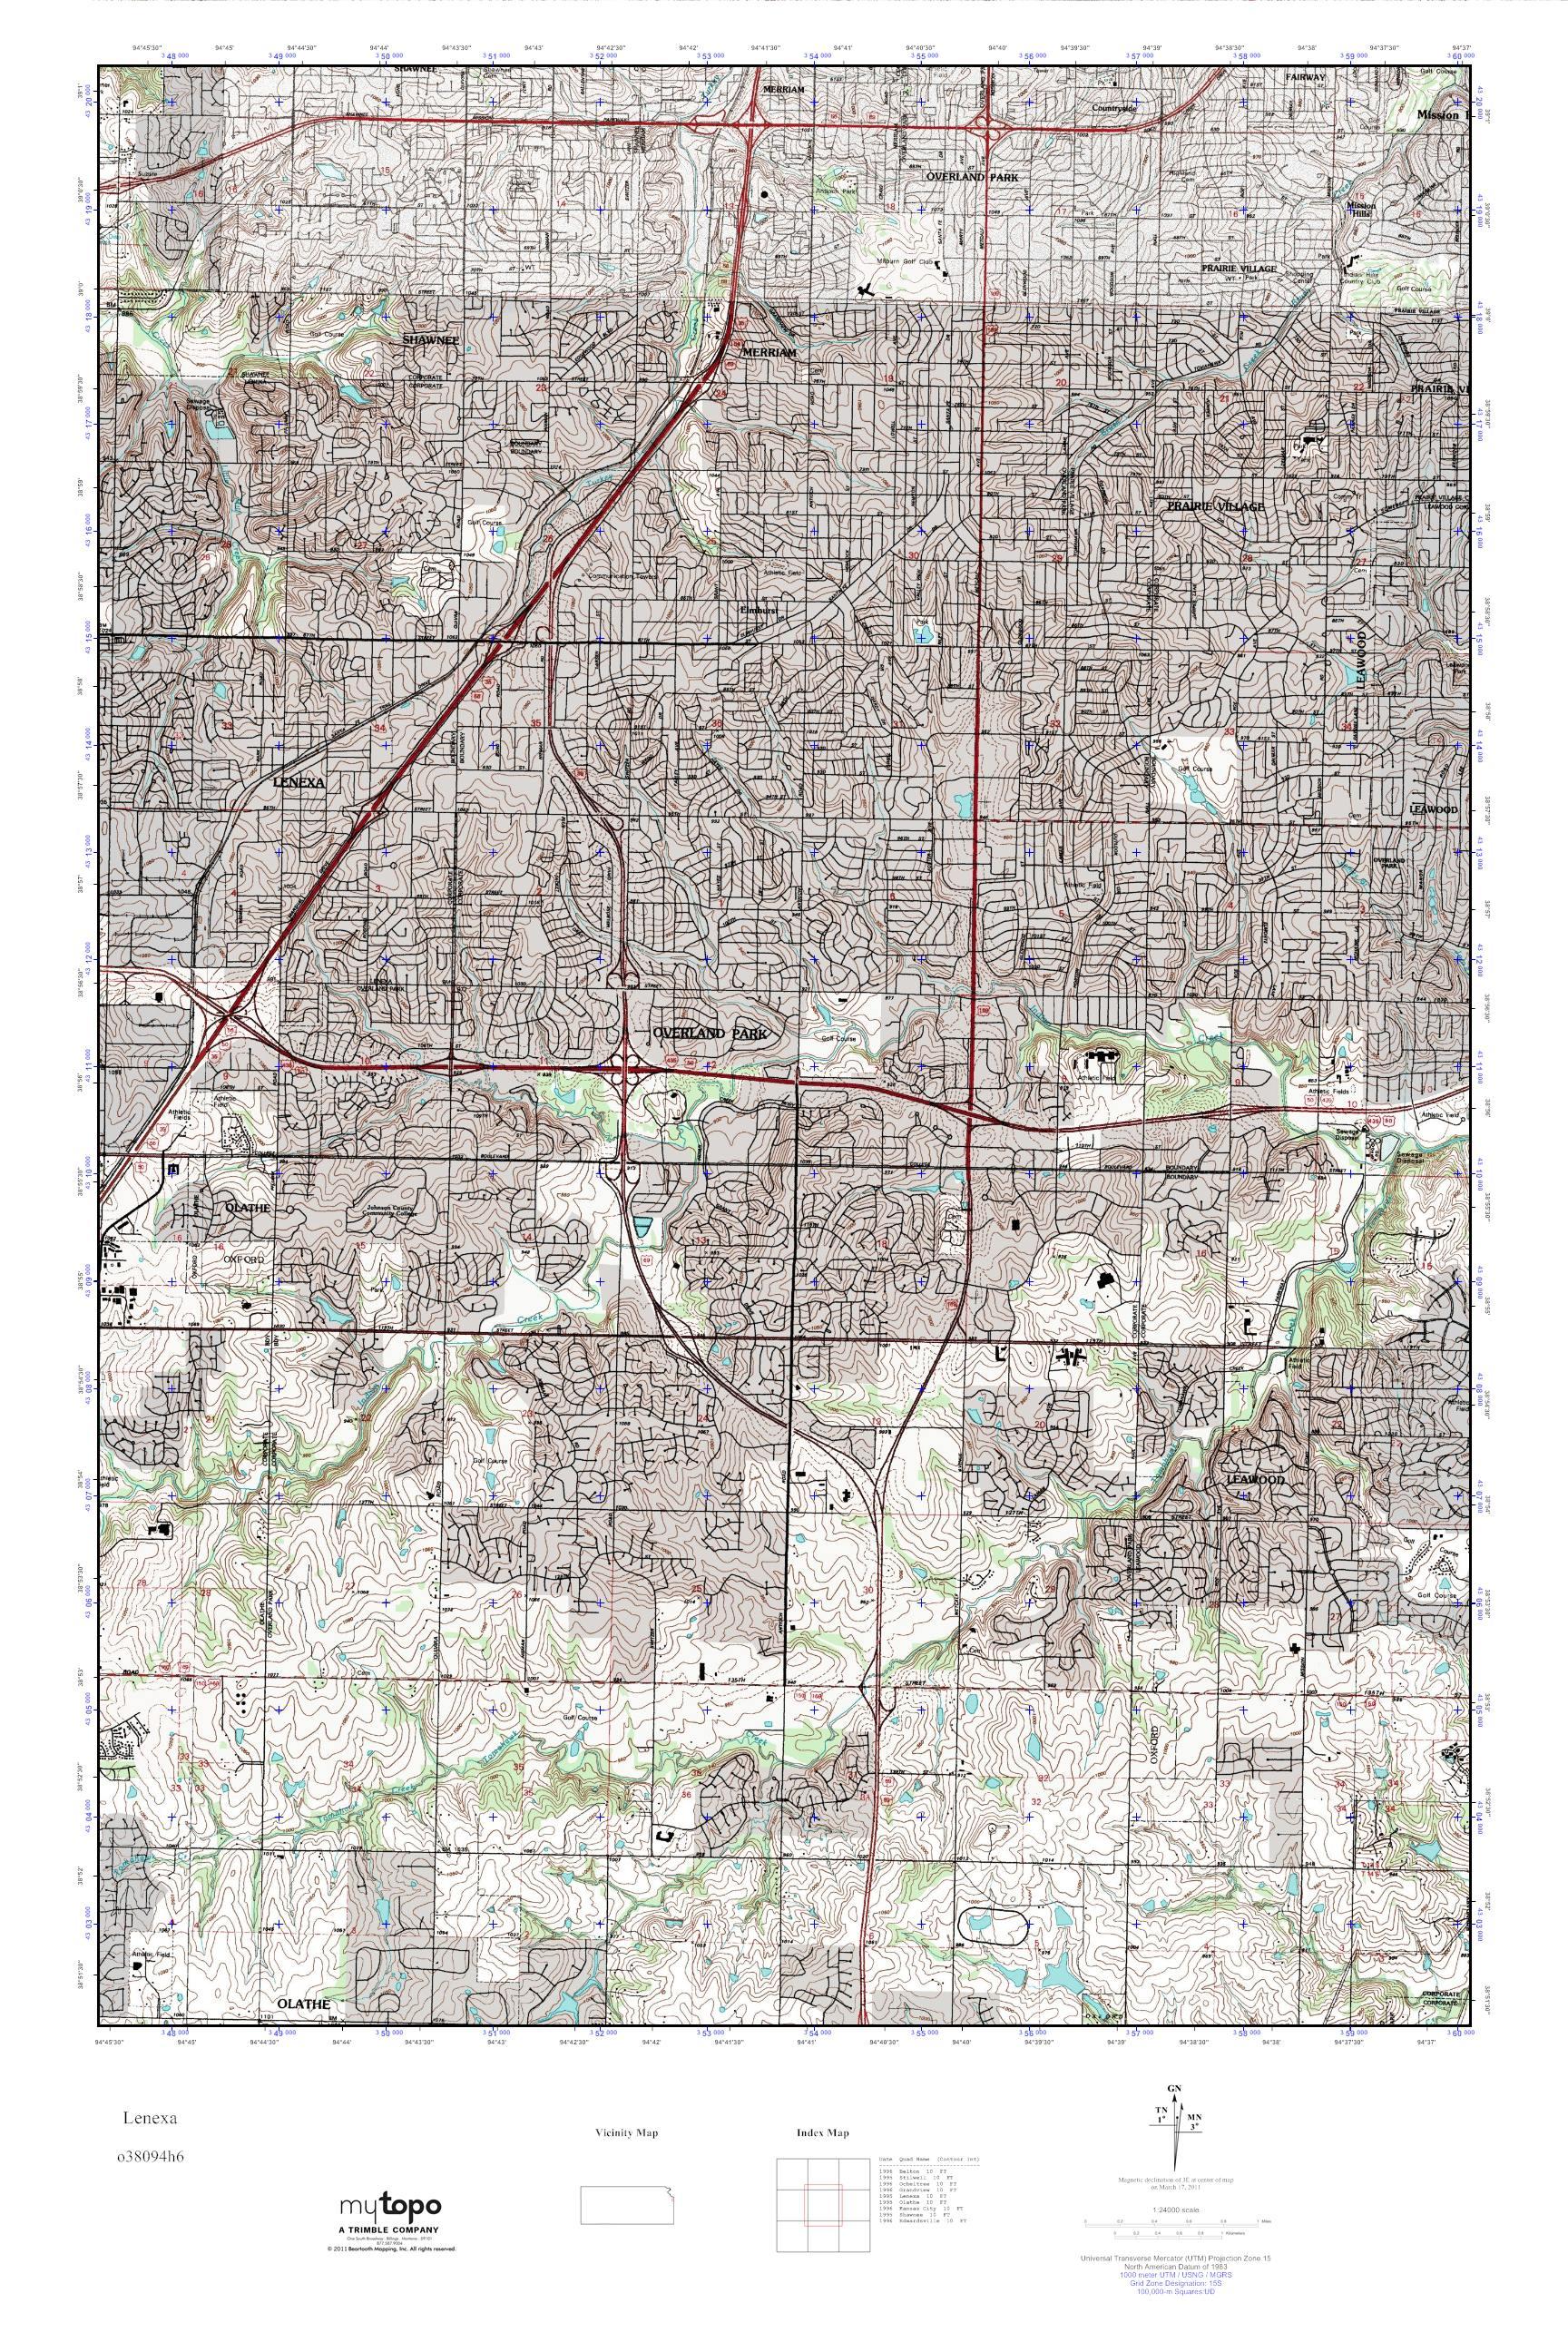 MyTopo Lenexa Kansas USGS Quad Topo Map